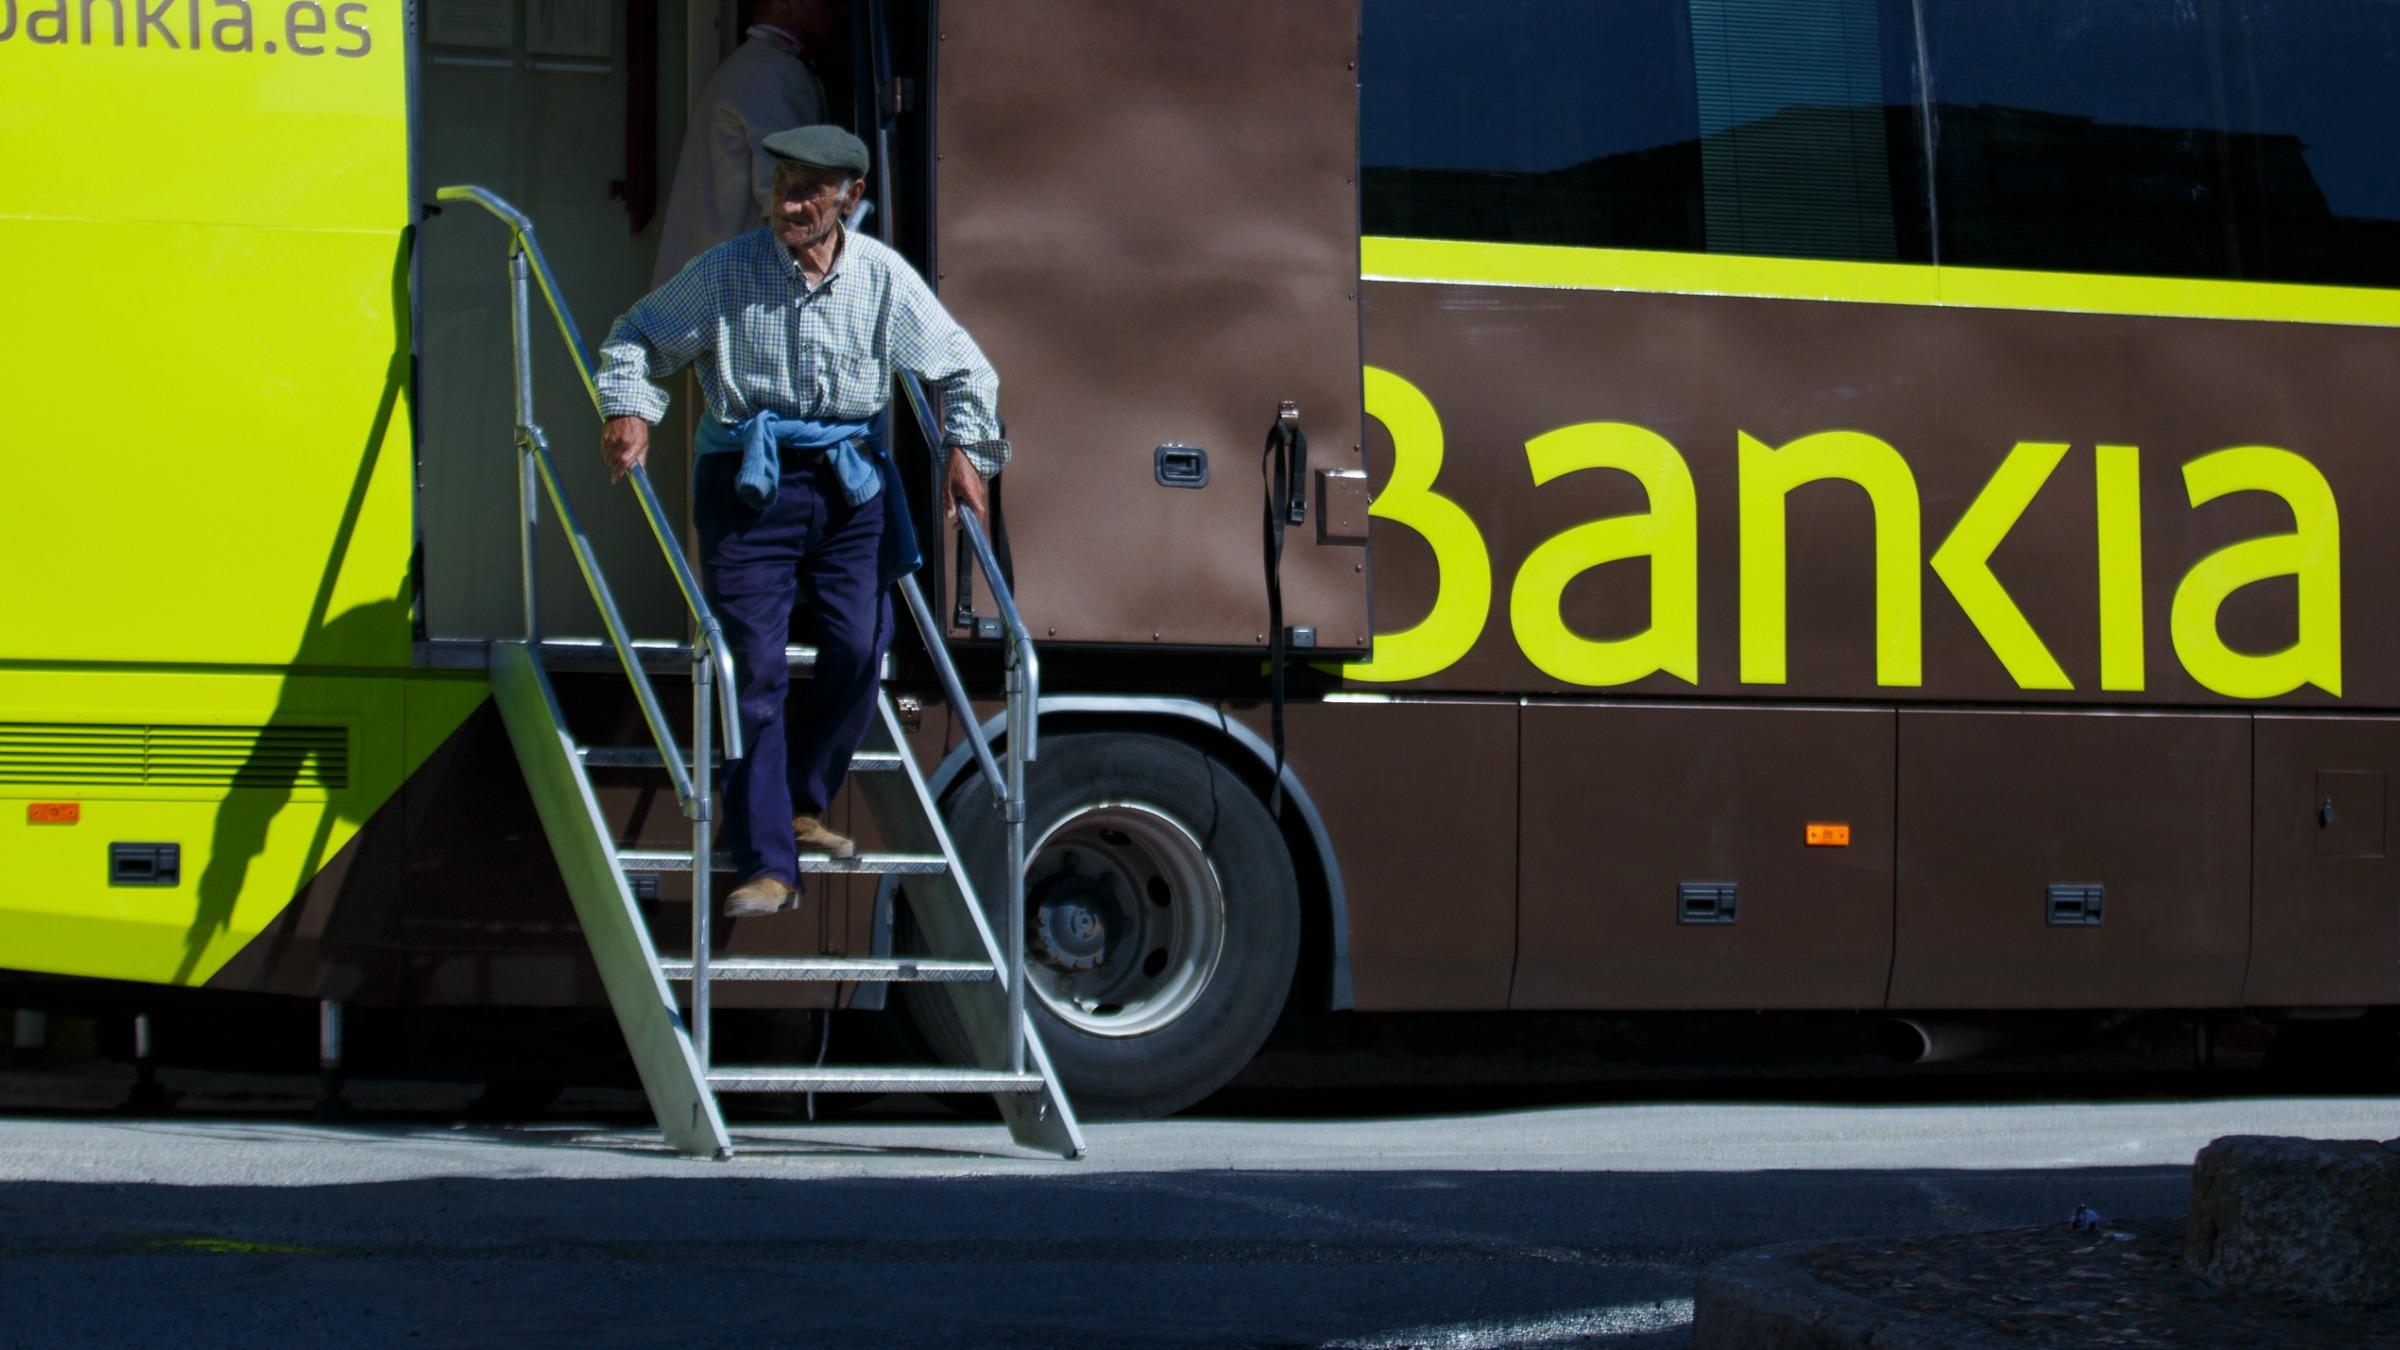 Bankia bank bus